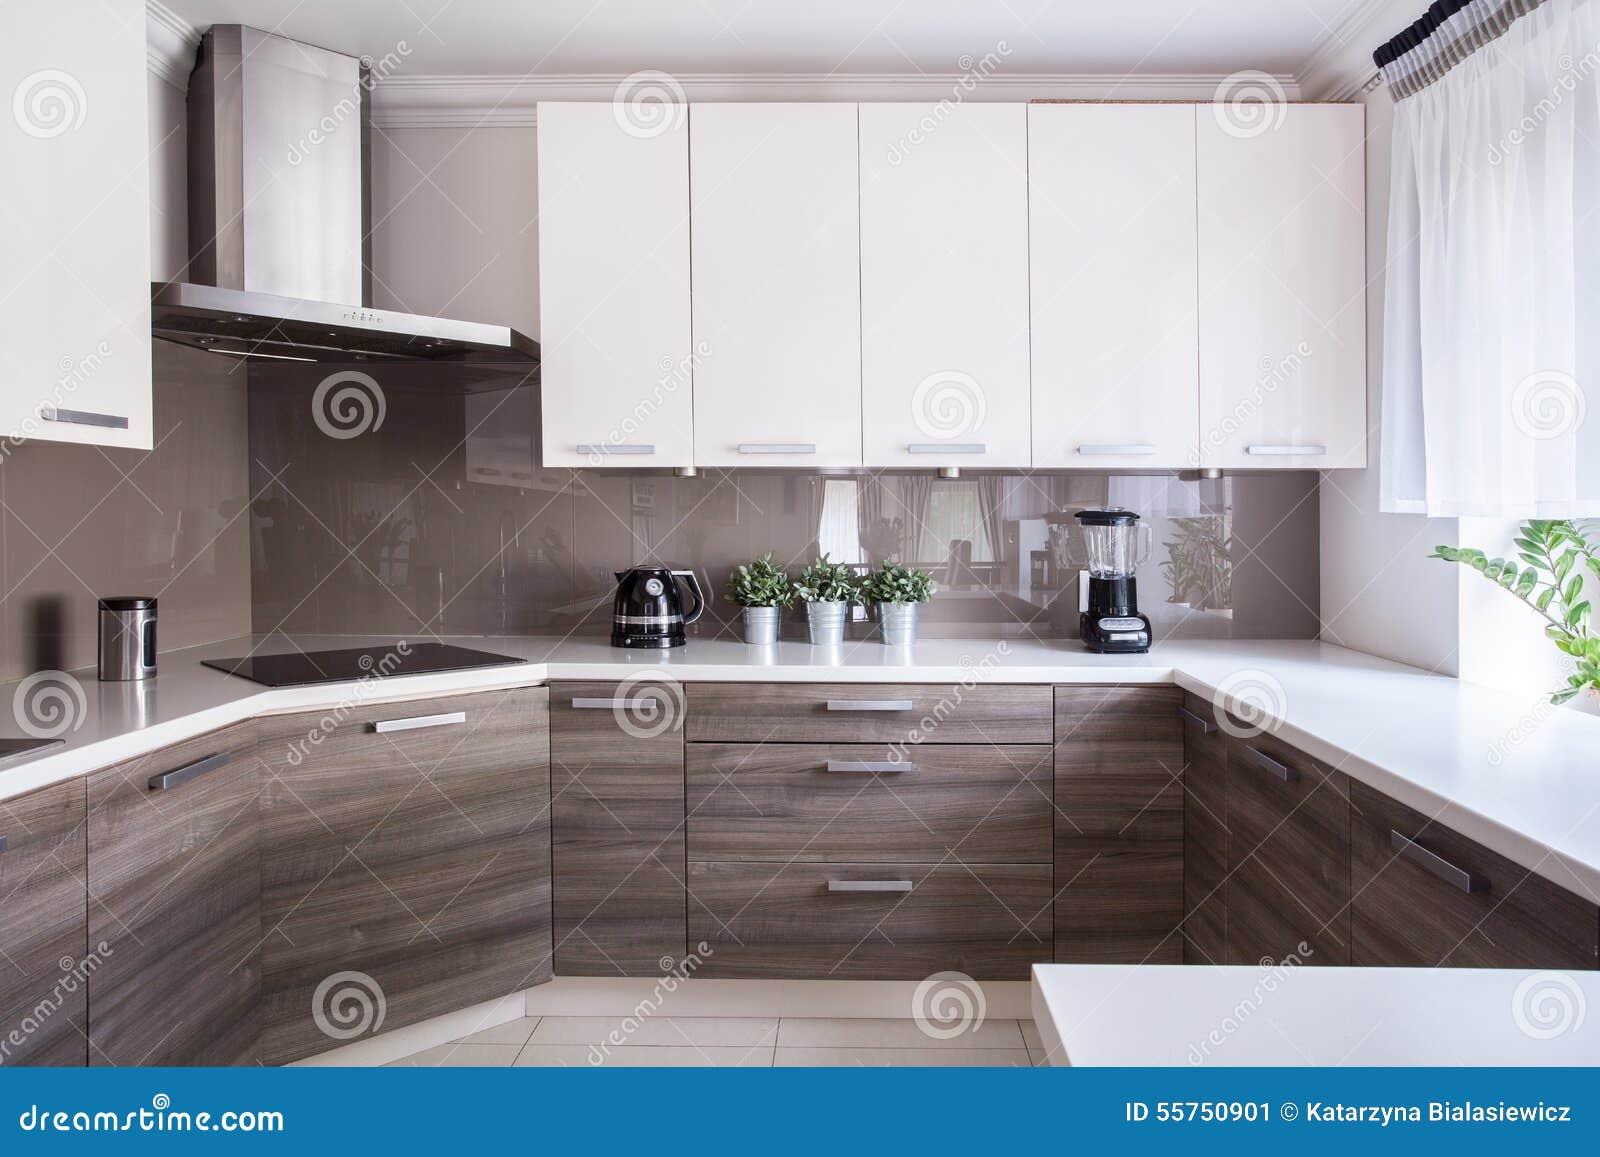 gemütliche beige küche stockfoto - bild: 55750901, Hause deko